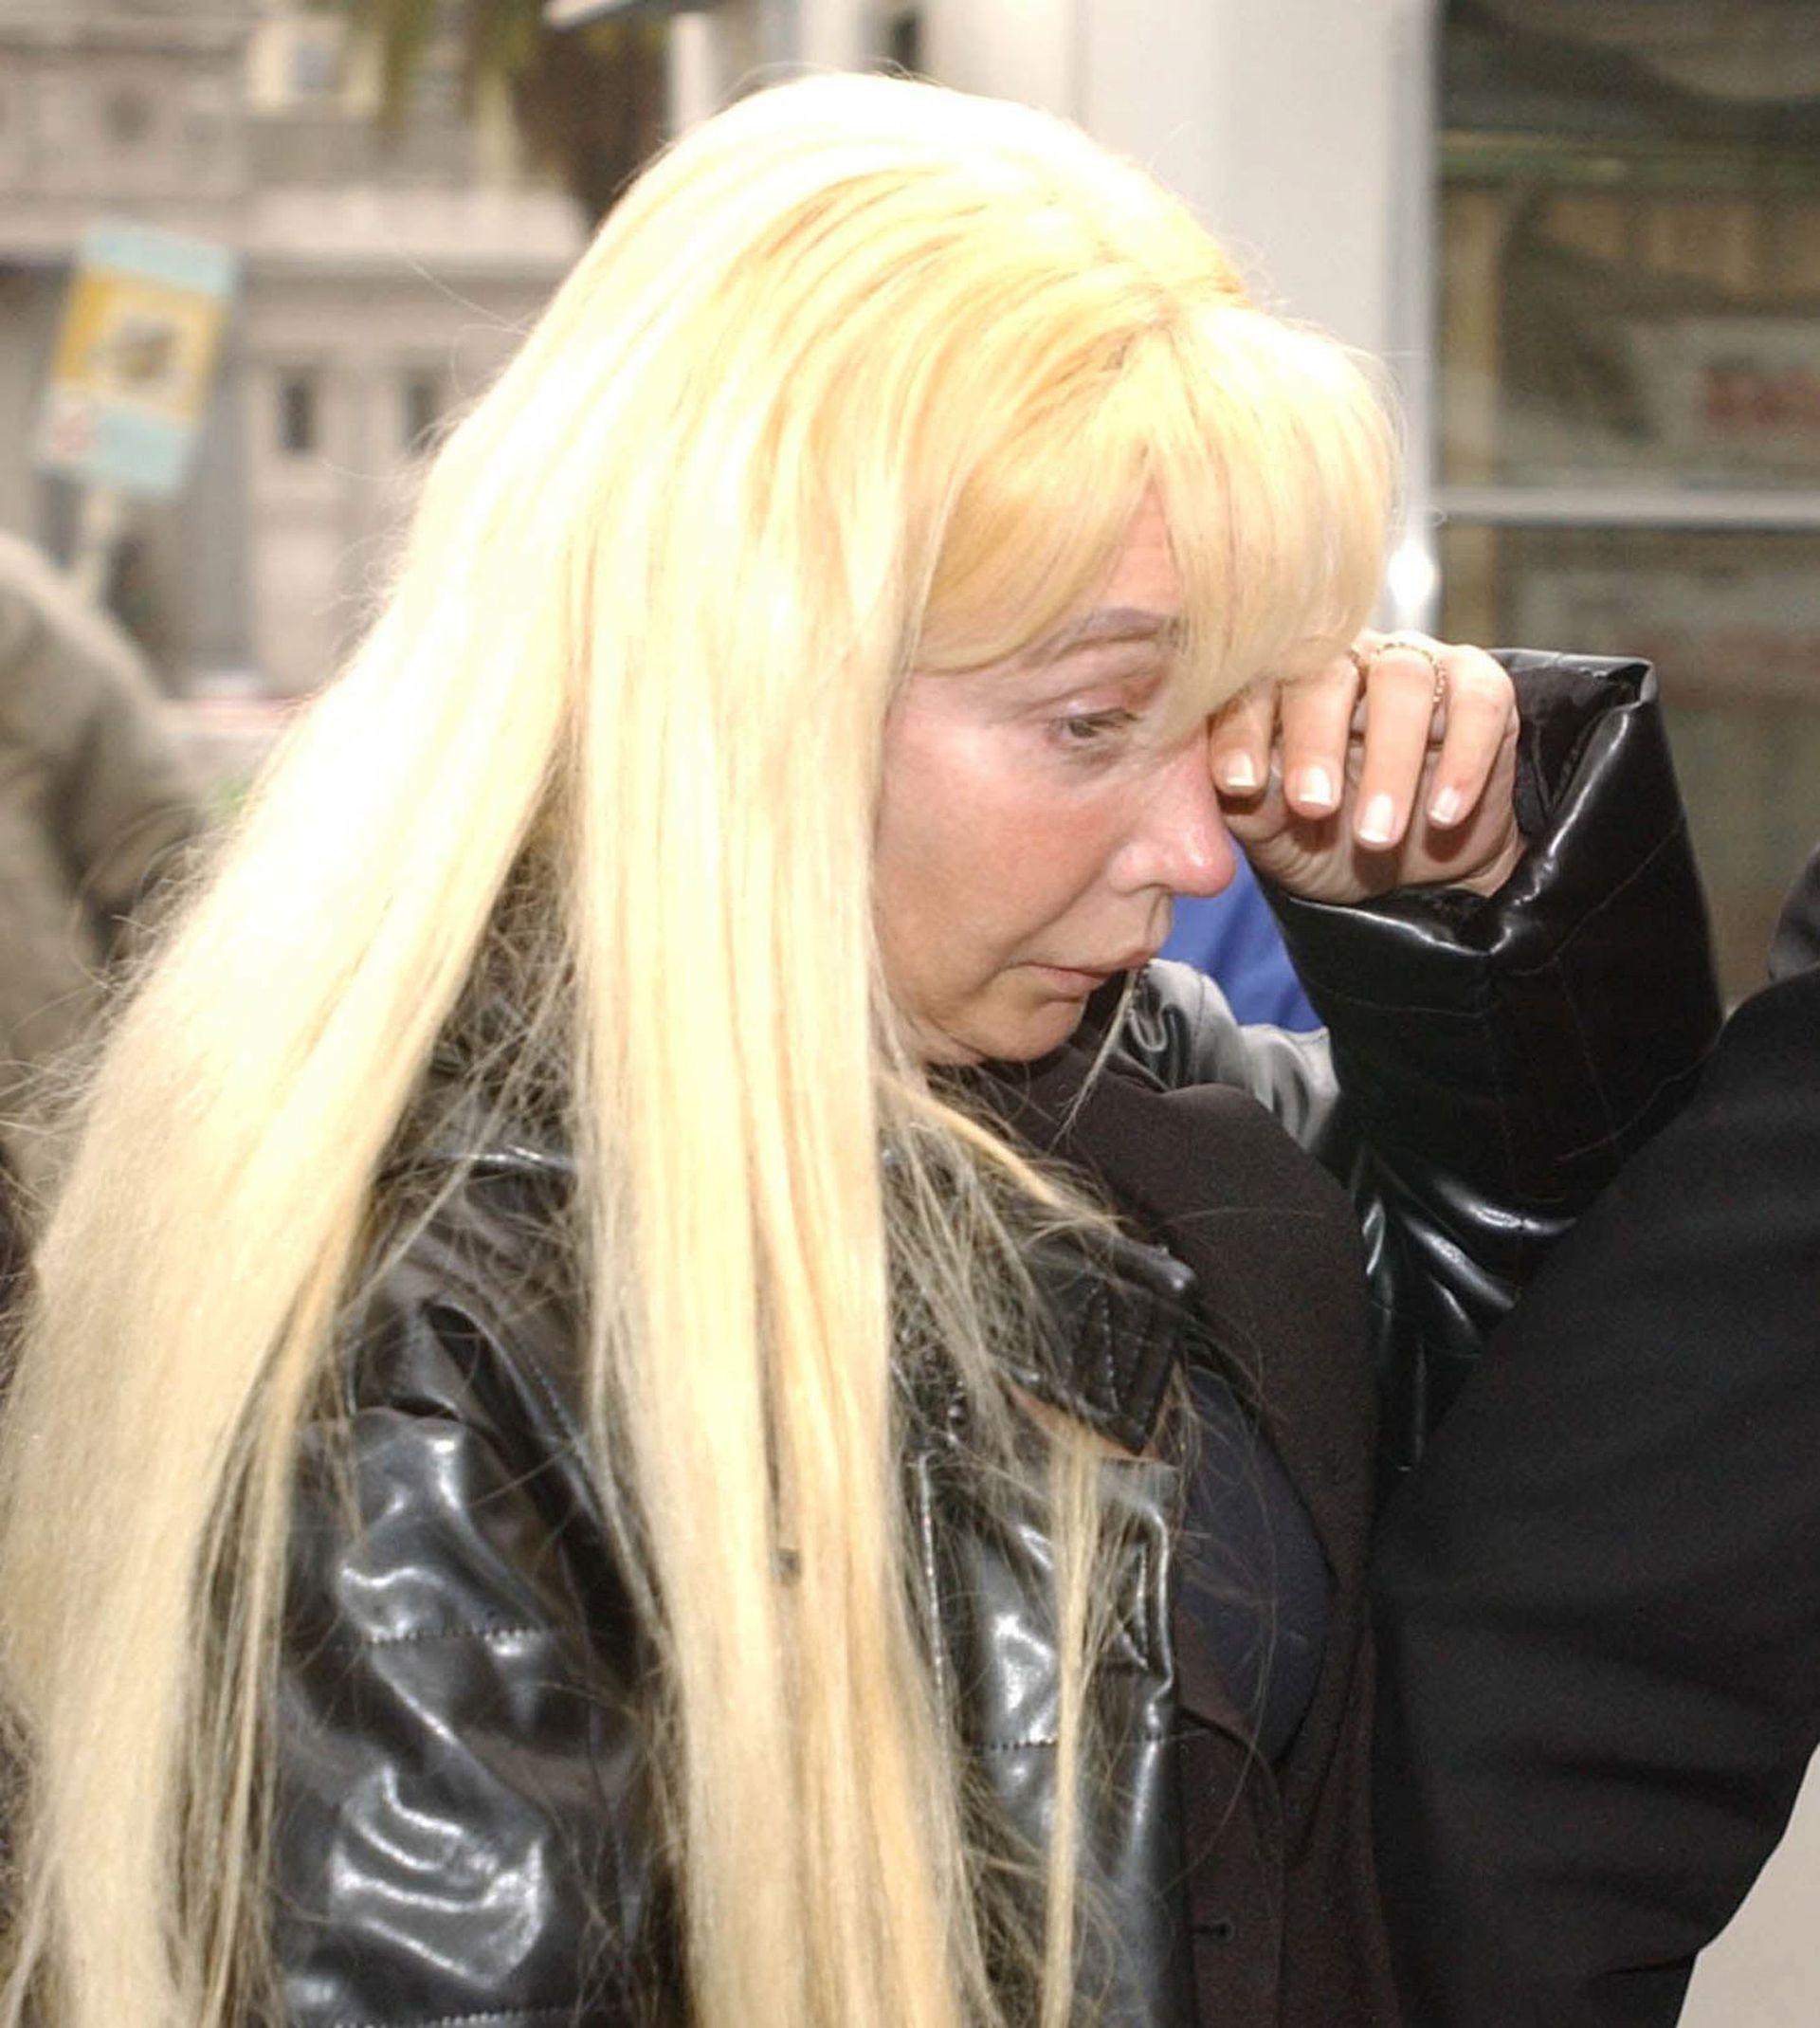 Giselle Rímolo queda detenida en 2003 tras el procesamiento dictado por Mariano Bergés